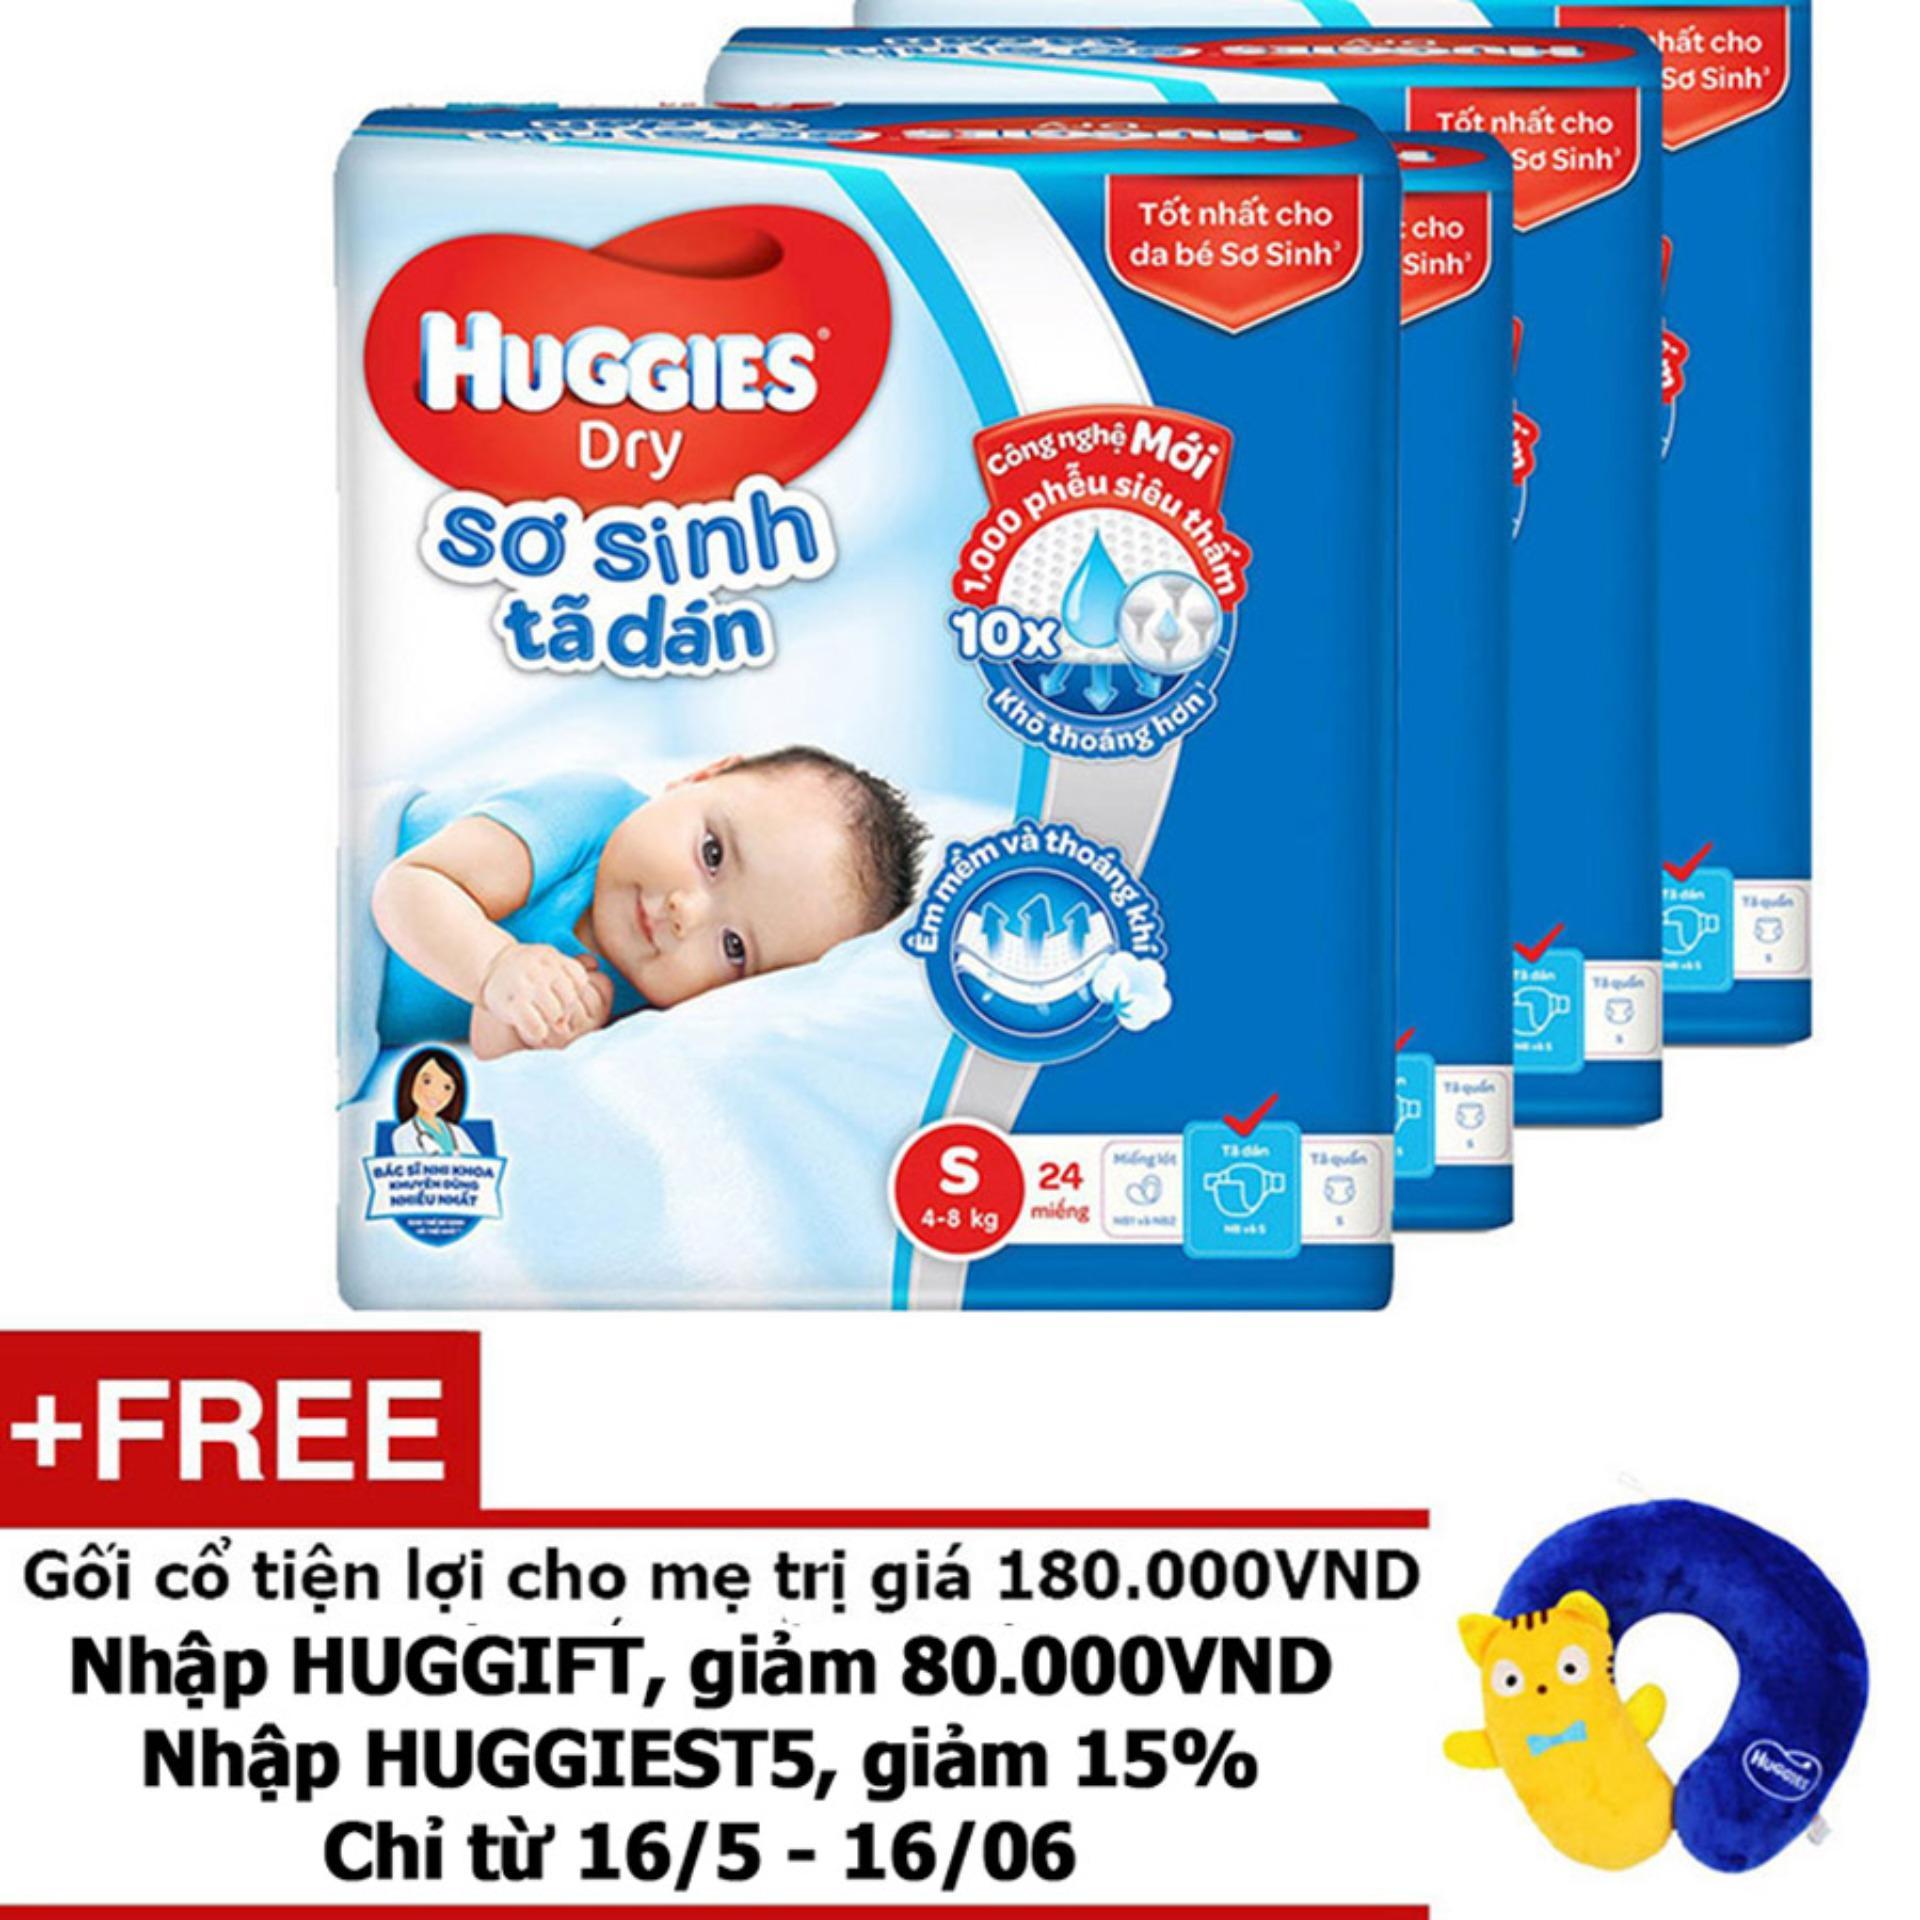 Bộ 4 Tã dán sơ sinh Huggies S24 (5kg - 8kg) - Gói 24 miếng - Tặng 1 Gối cổ tiện lợi cho mẹ trị giá 180.000VND màu sắc ngẫu nhiên